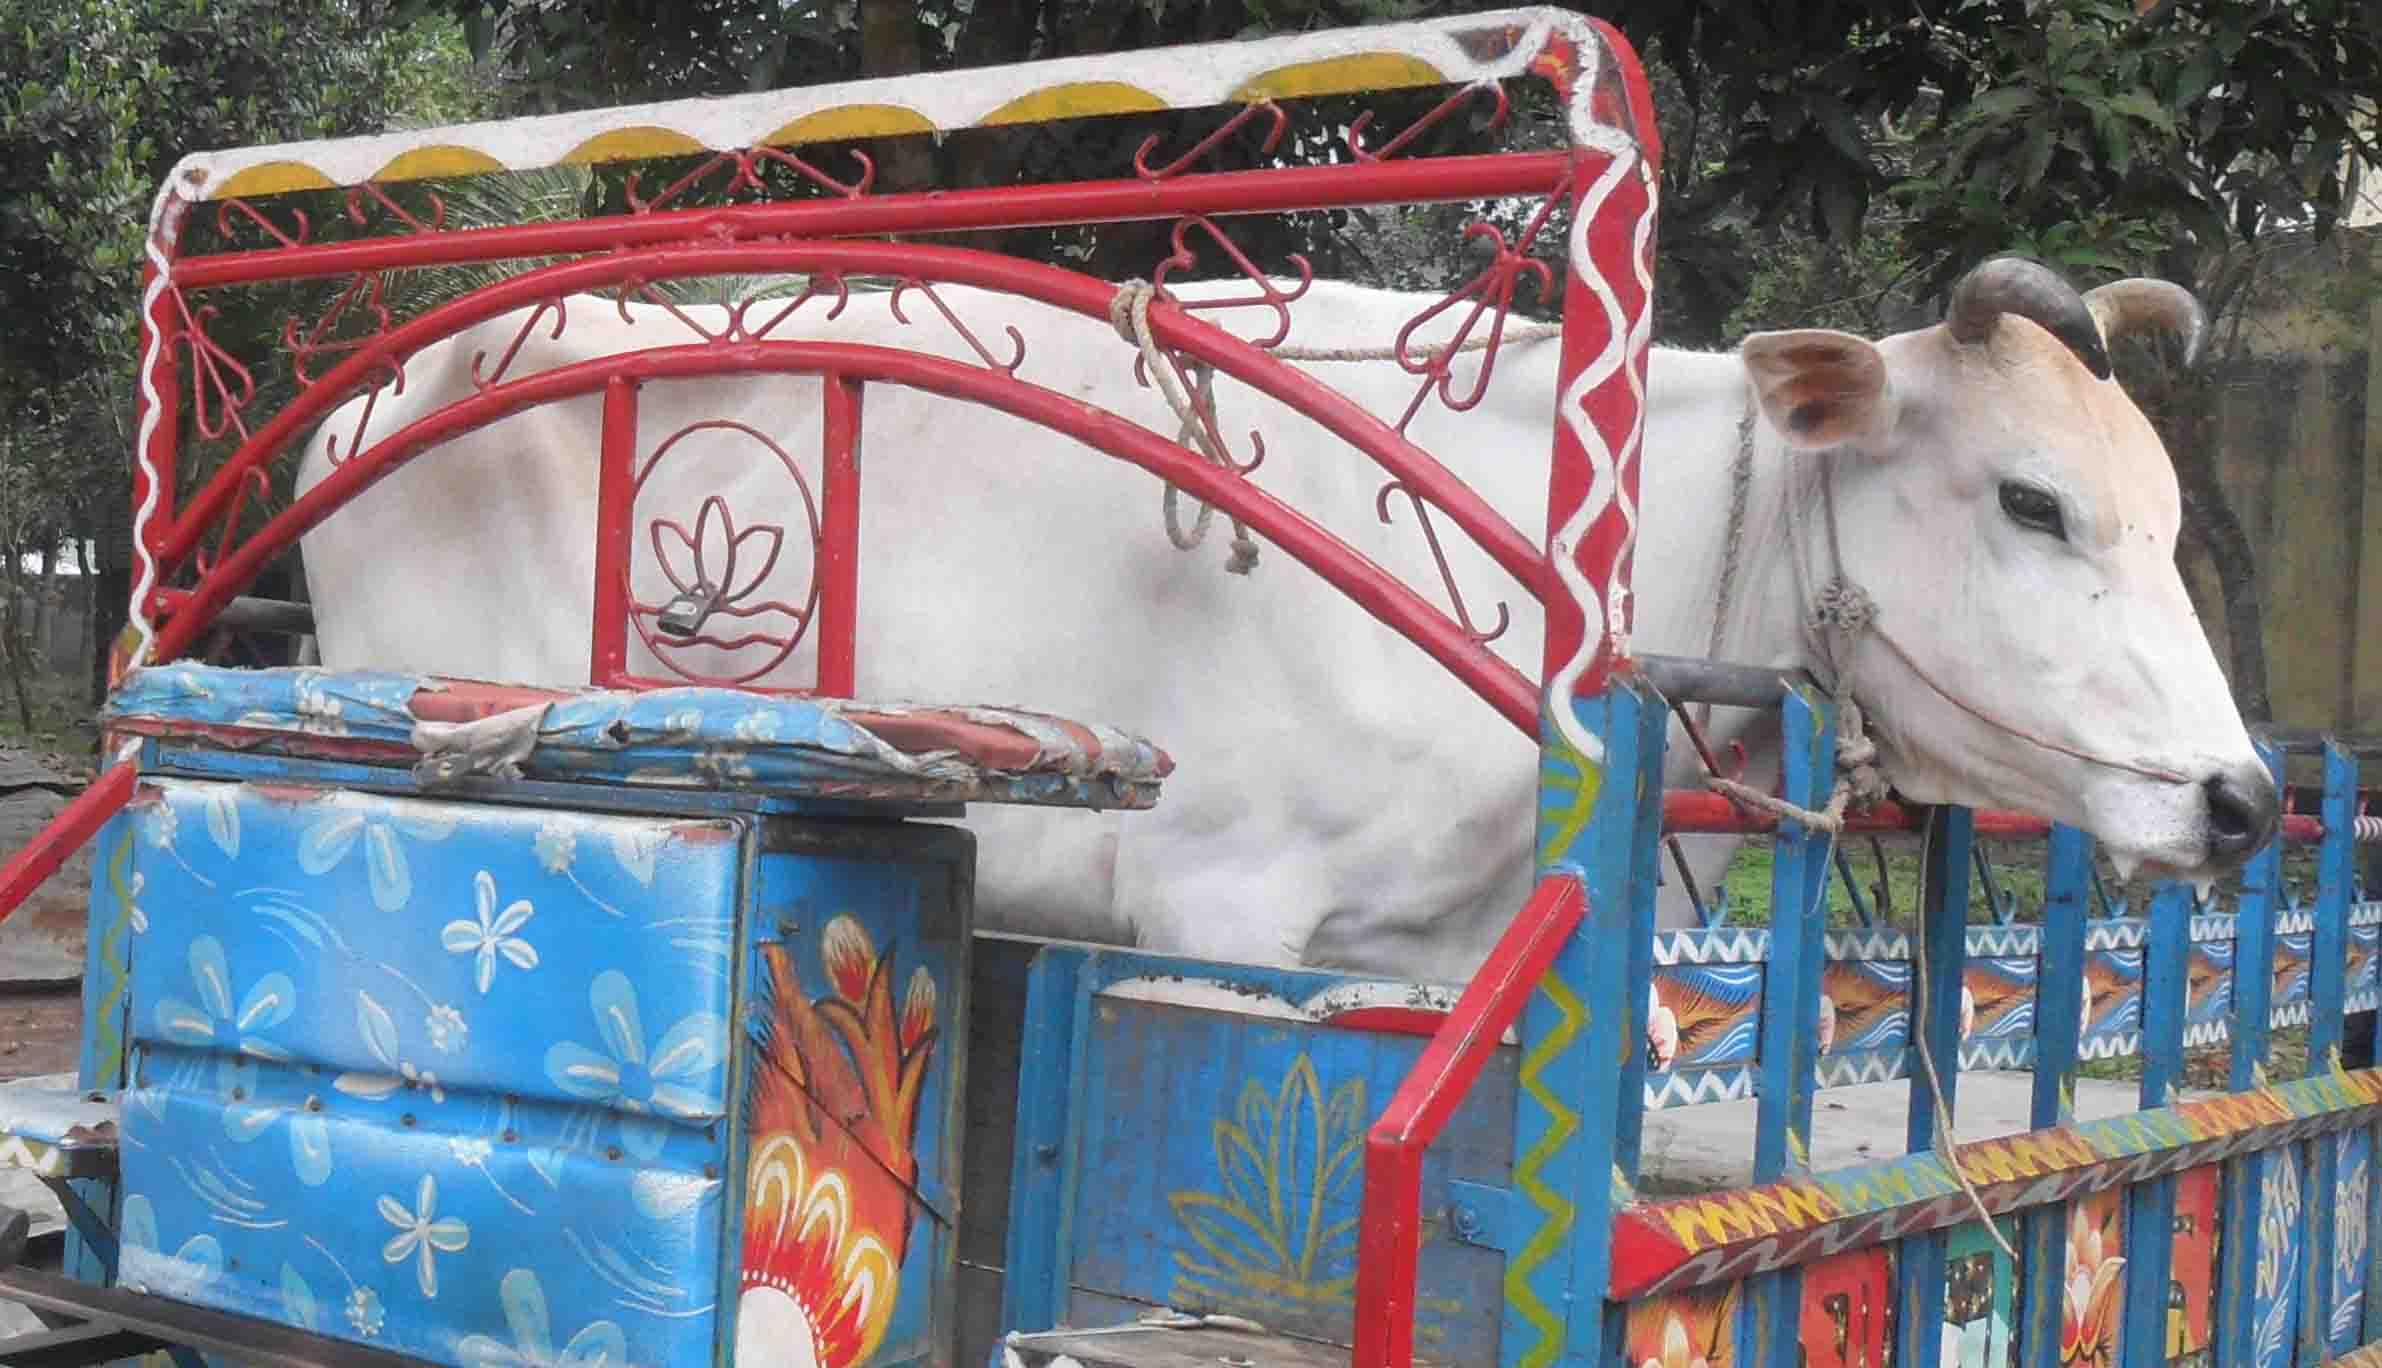 সোনাতলায় চোরাই গরু উদ্ধারঃ ভ্রাম্যমান আদালতে চোরের ১ বৎসরের কারাদন্ড